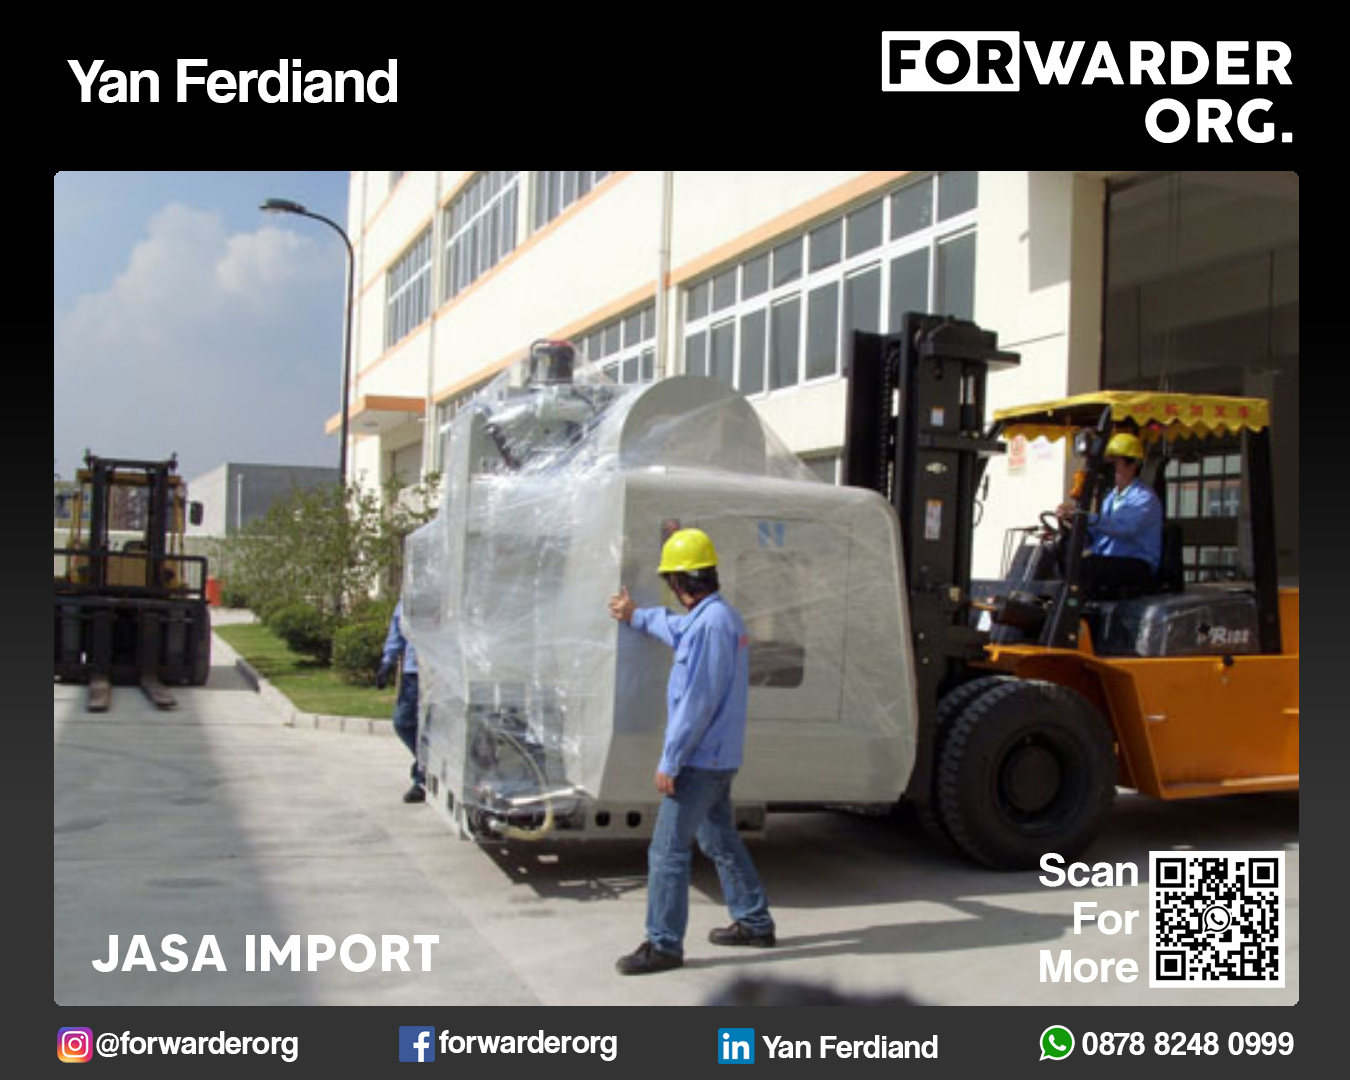 Jasa Import Barang Barang China Tanpa Minimum | FORWARDER ORG